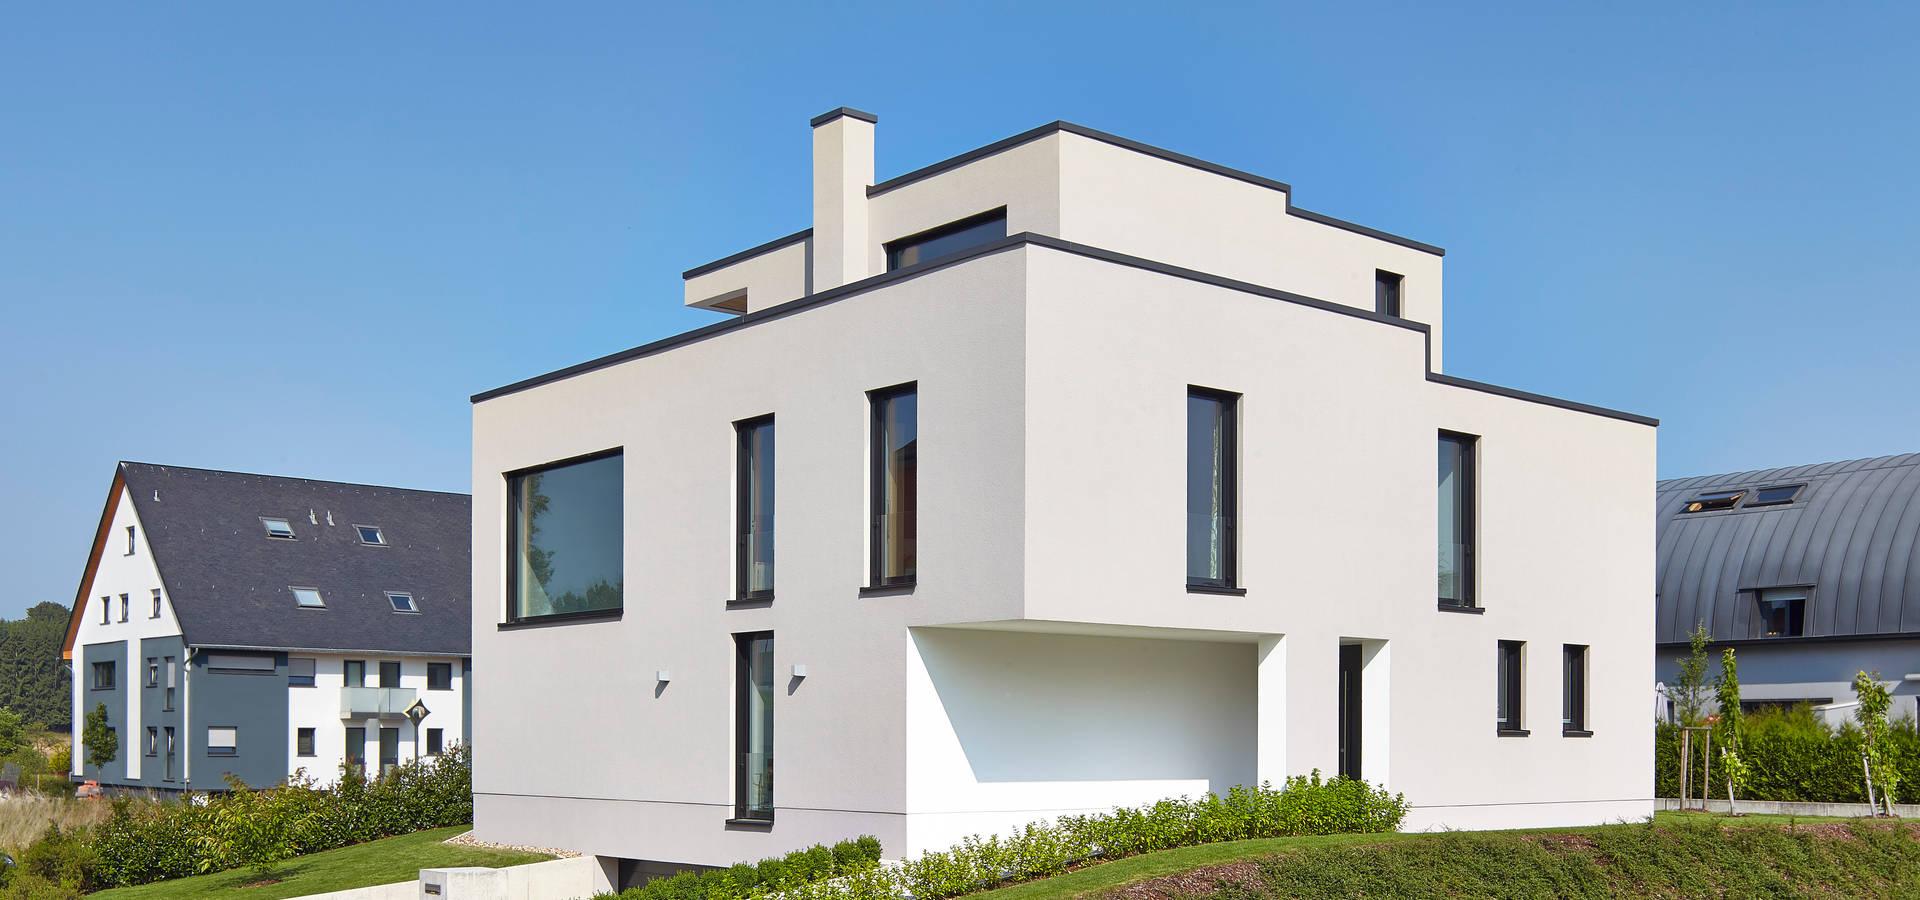 Bruck + Weckerle Architekten